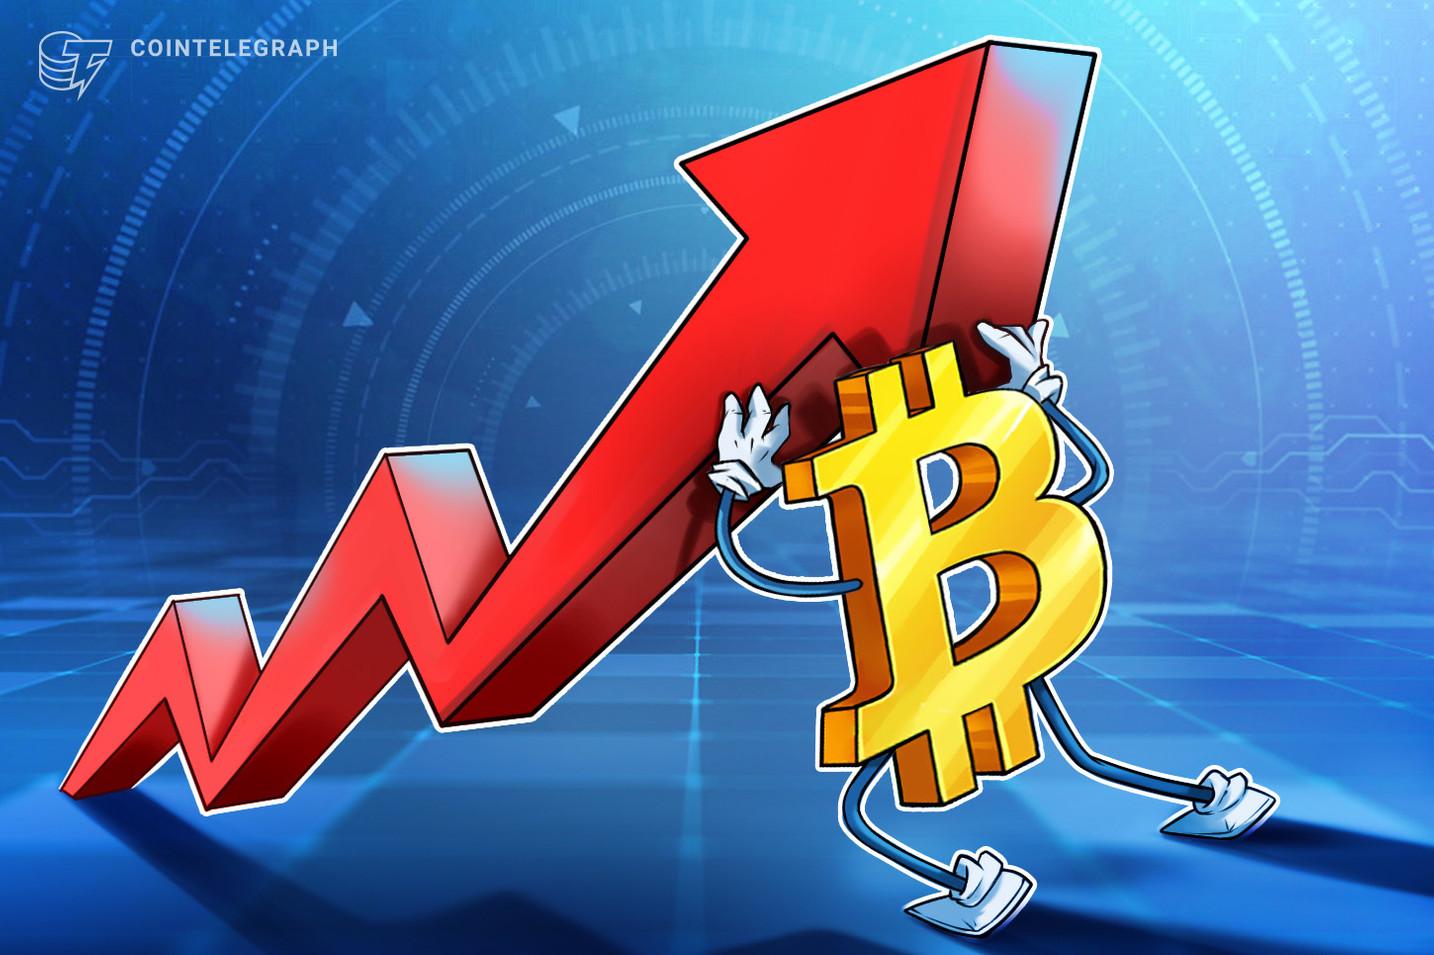 """Bitcoin redz otro garāko vēršu tirgus izņemšanu ar BTC cenu """"iestrēgušu"""" pie 30 XNUMX USD"""